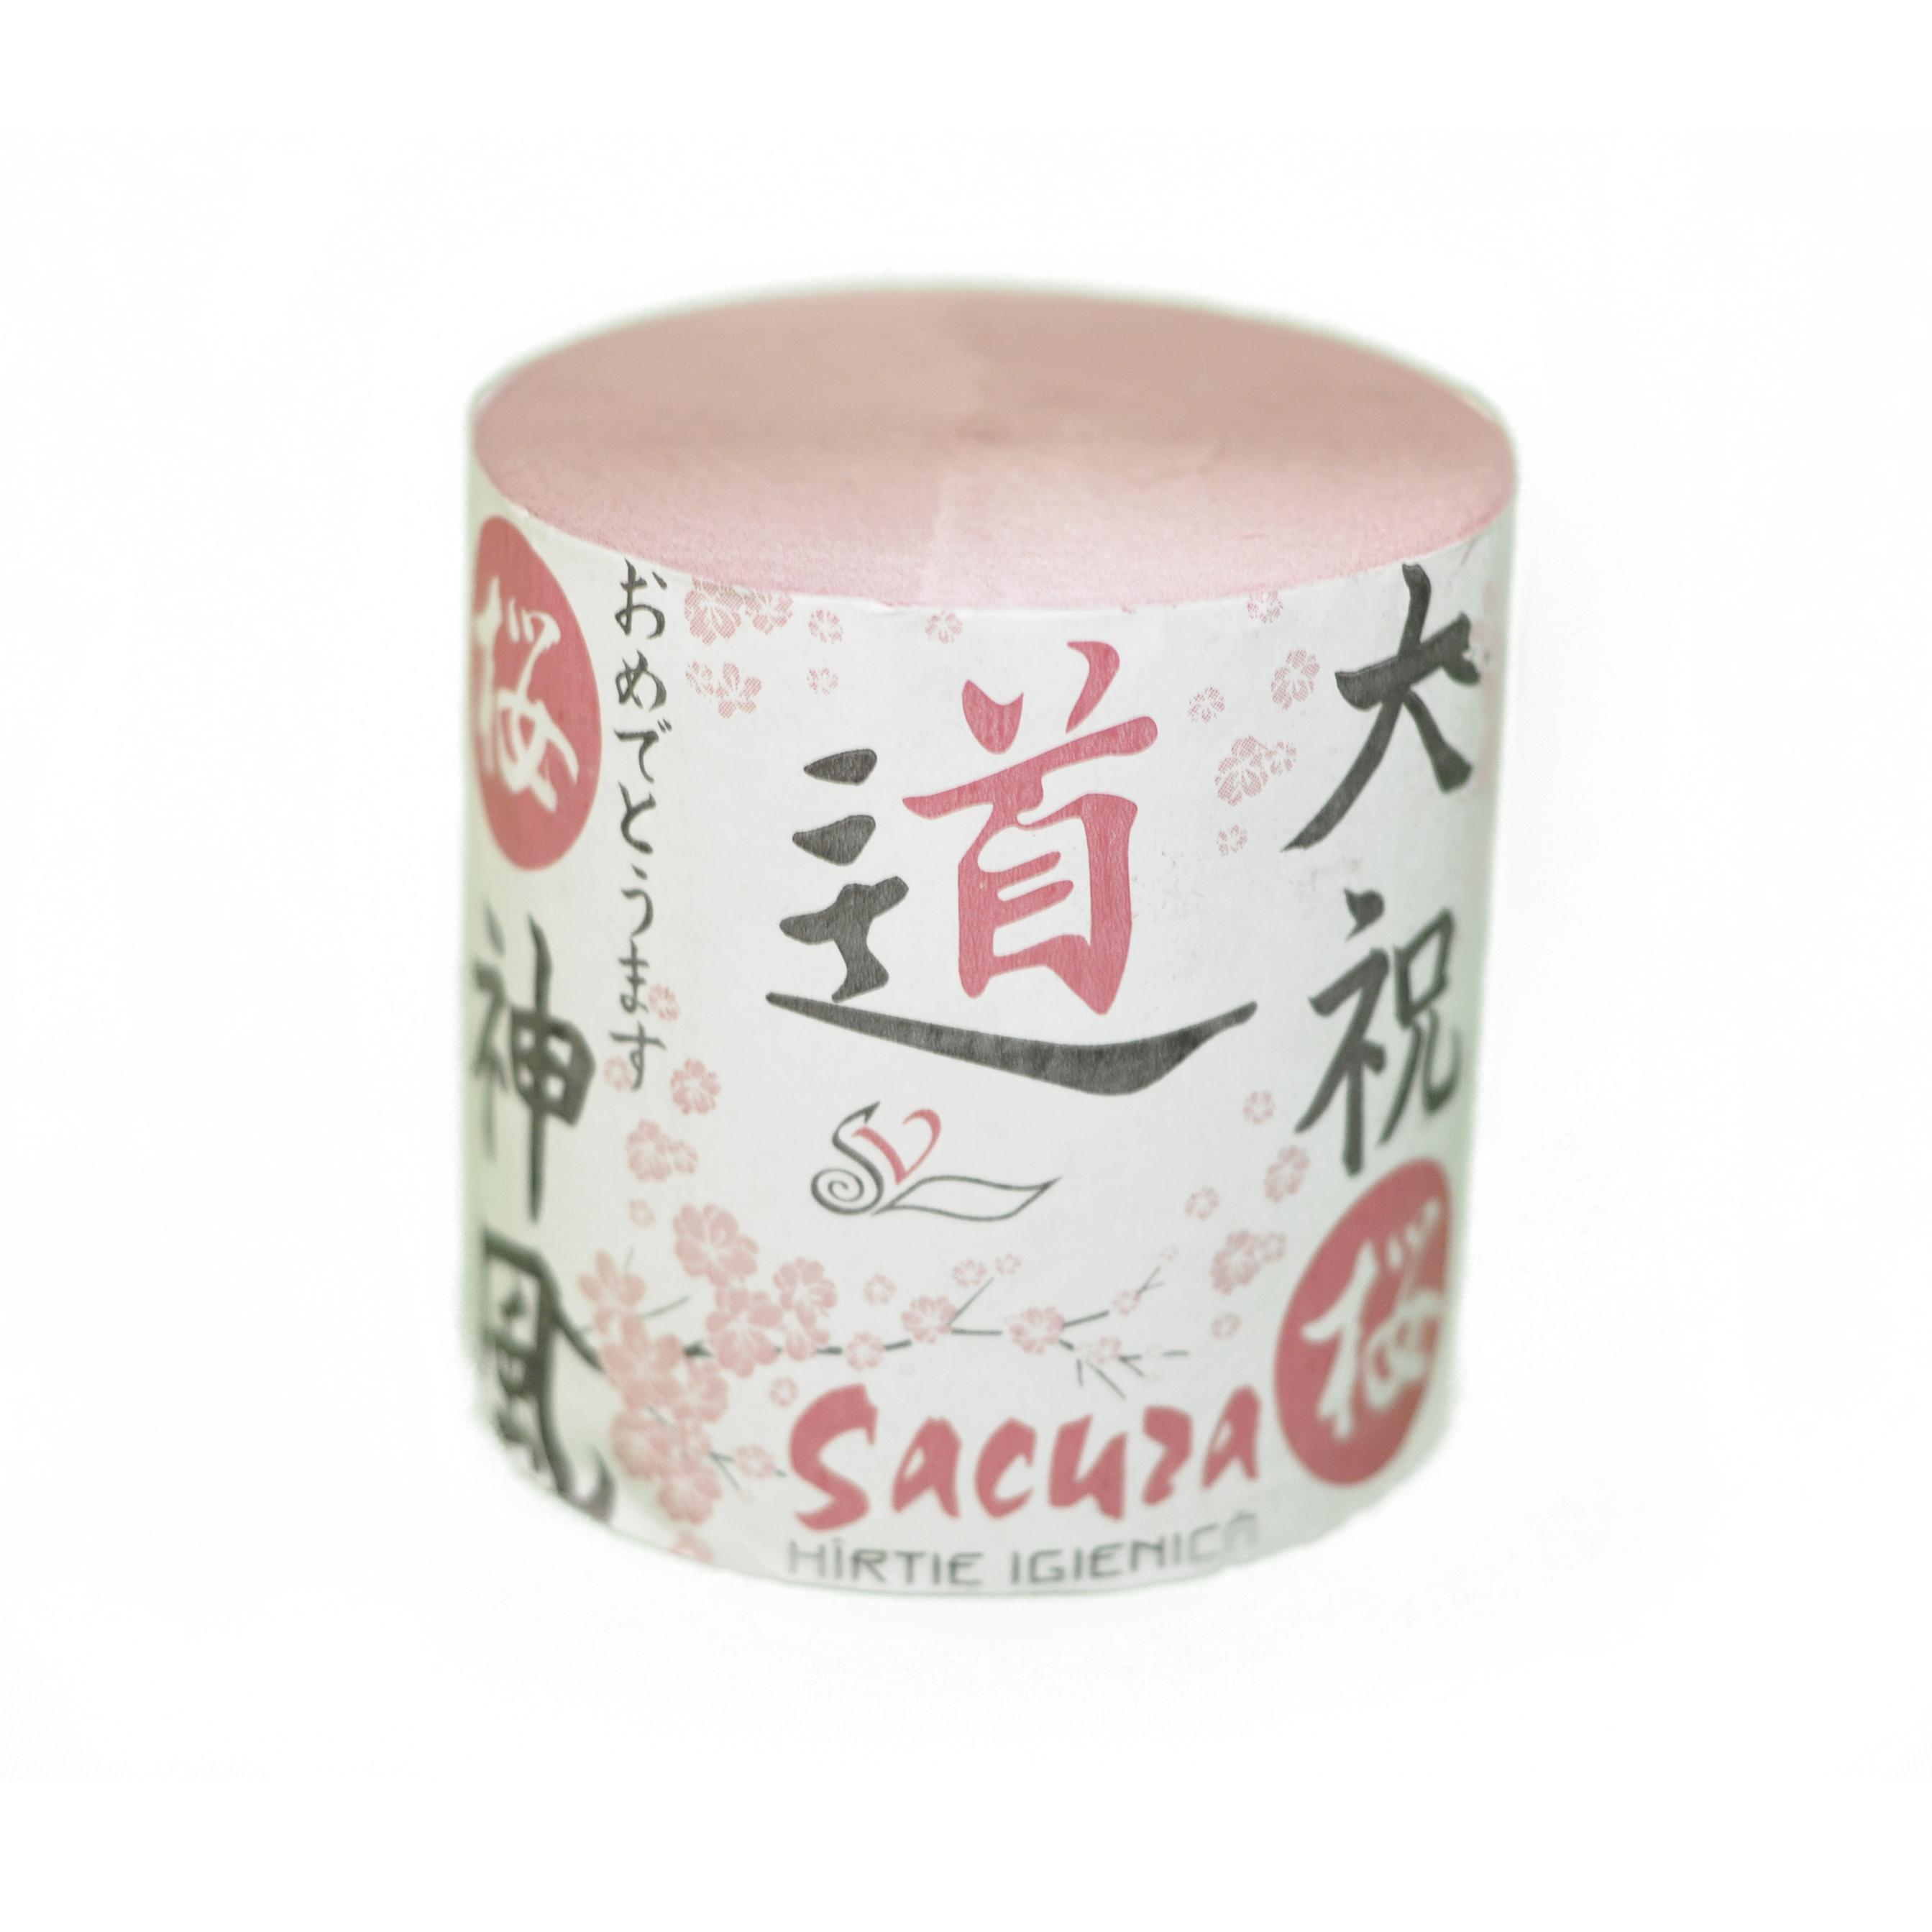 Model Sakura